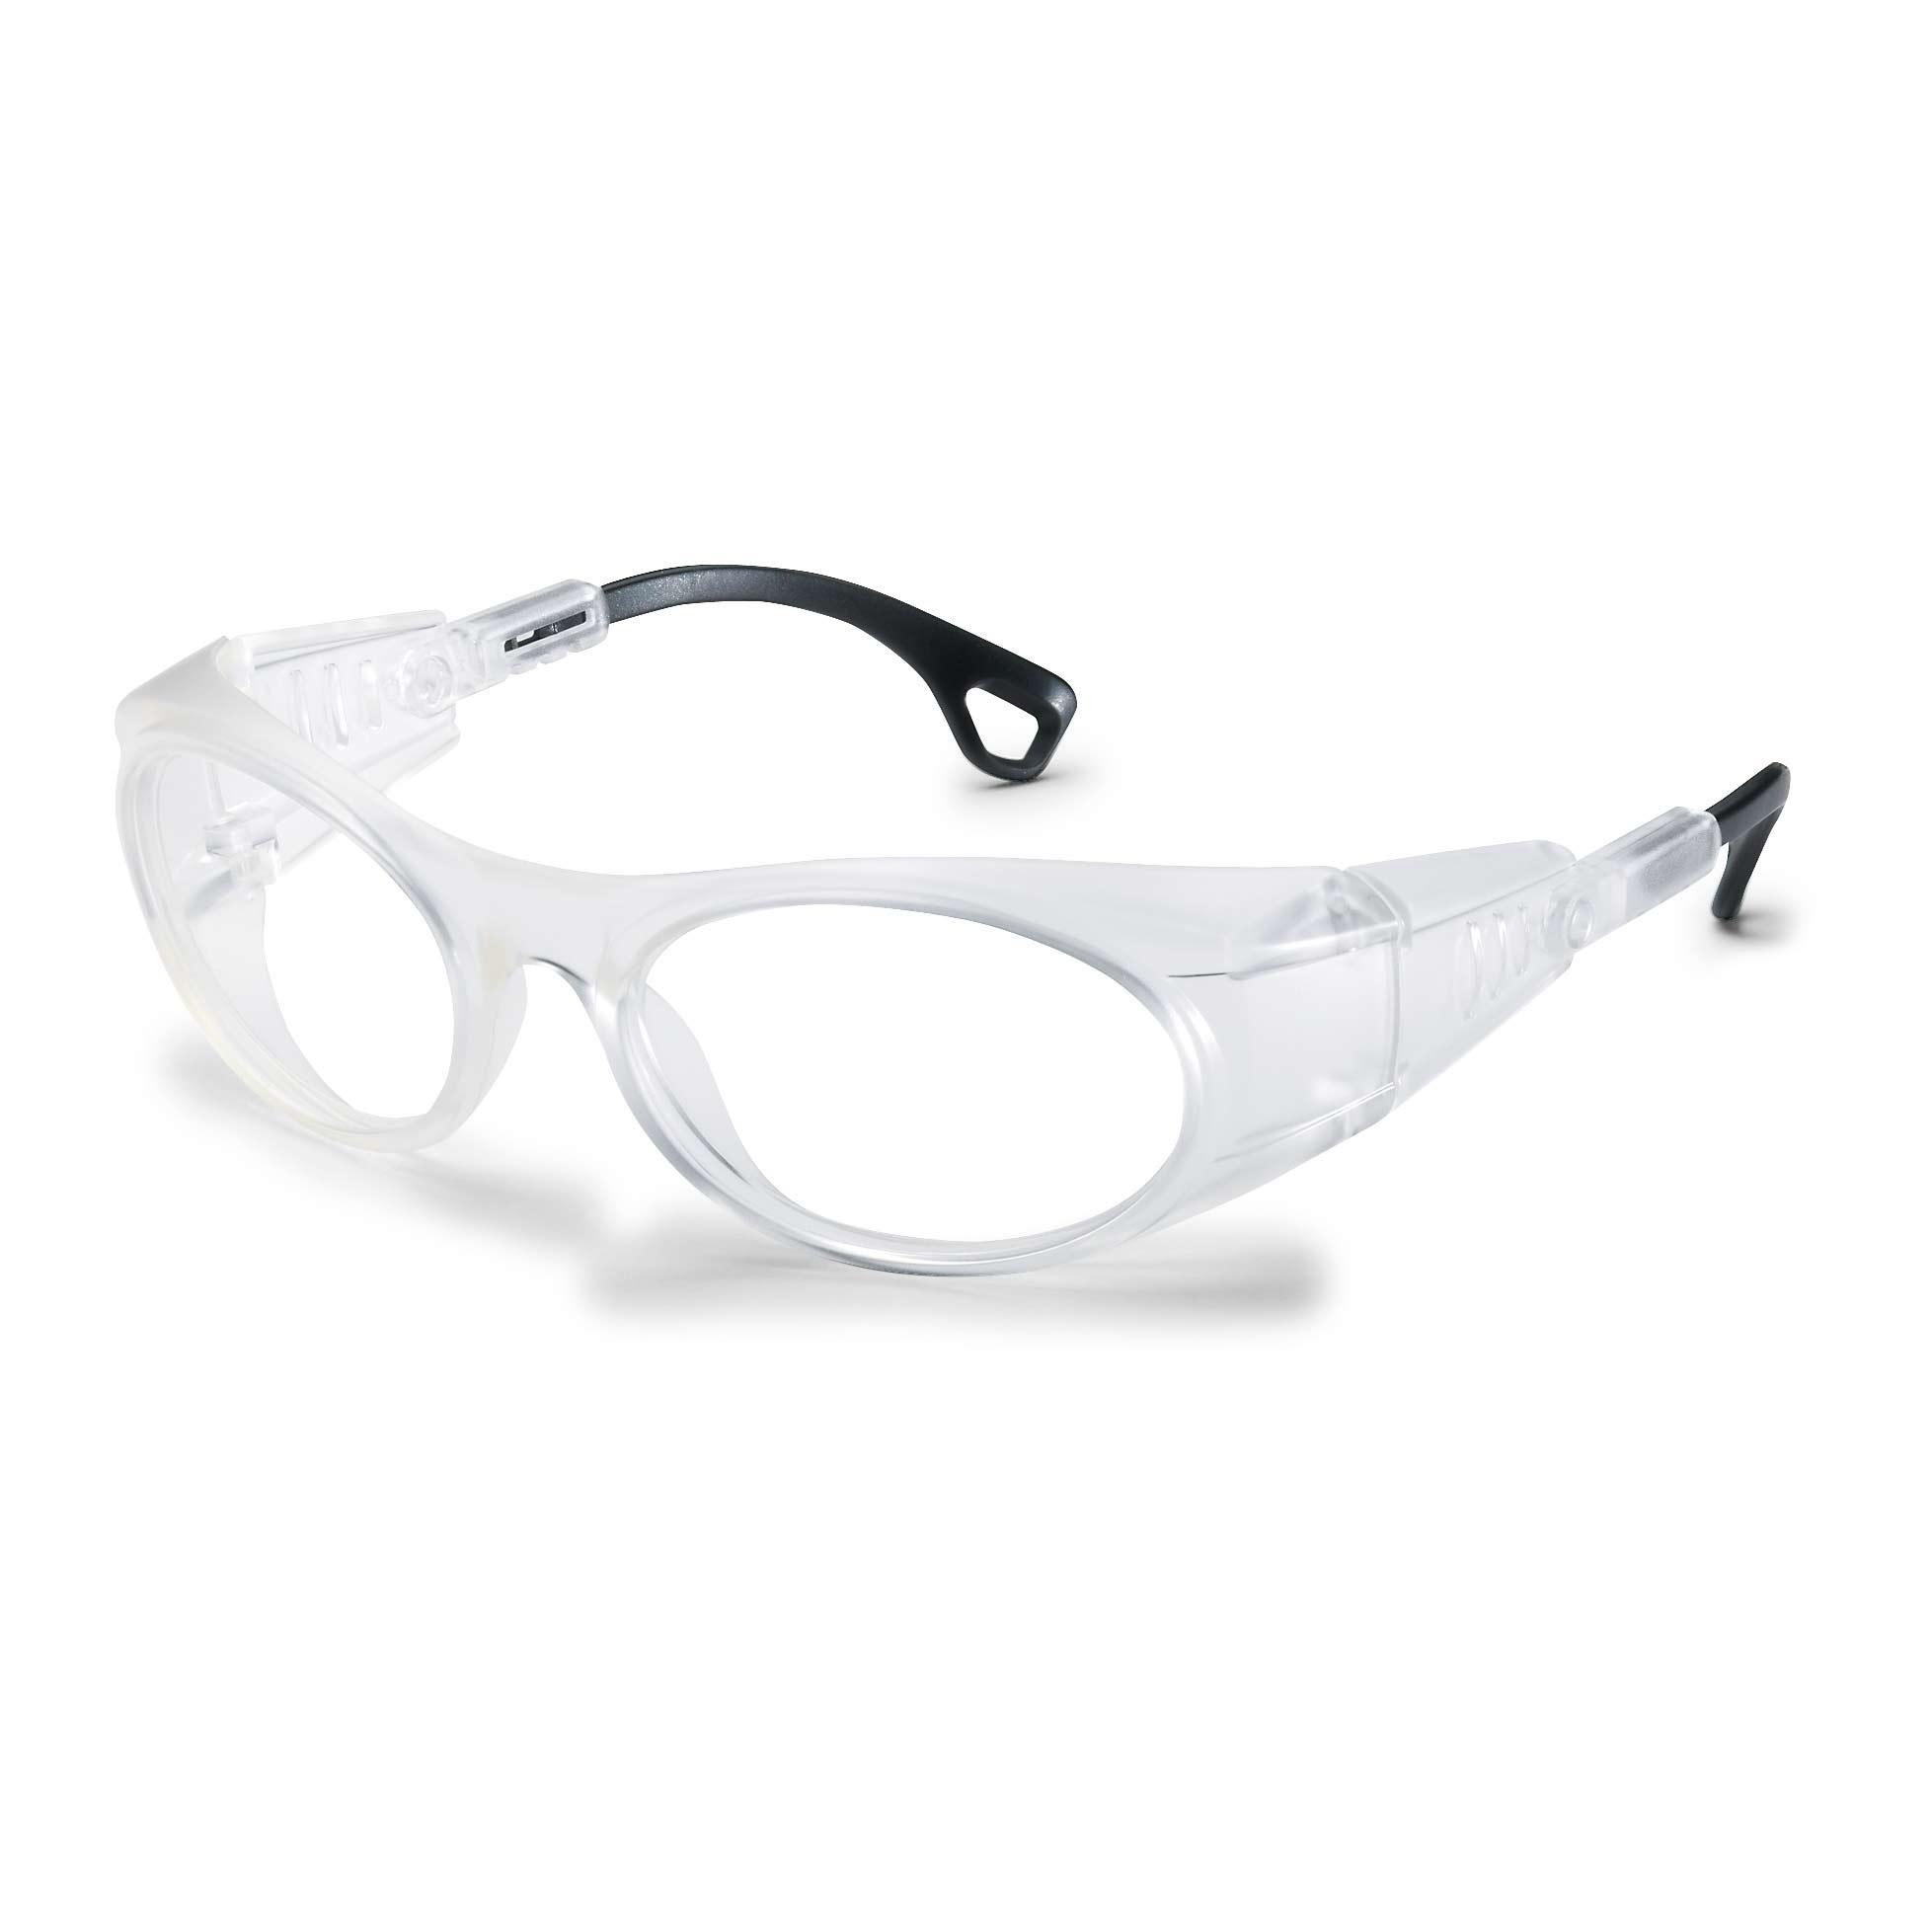 Korrektionsschutzbrille uvex 5505 | Individuelle PSA | uvex safety